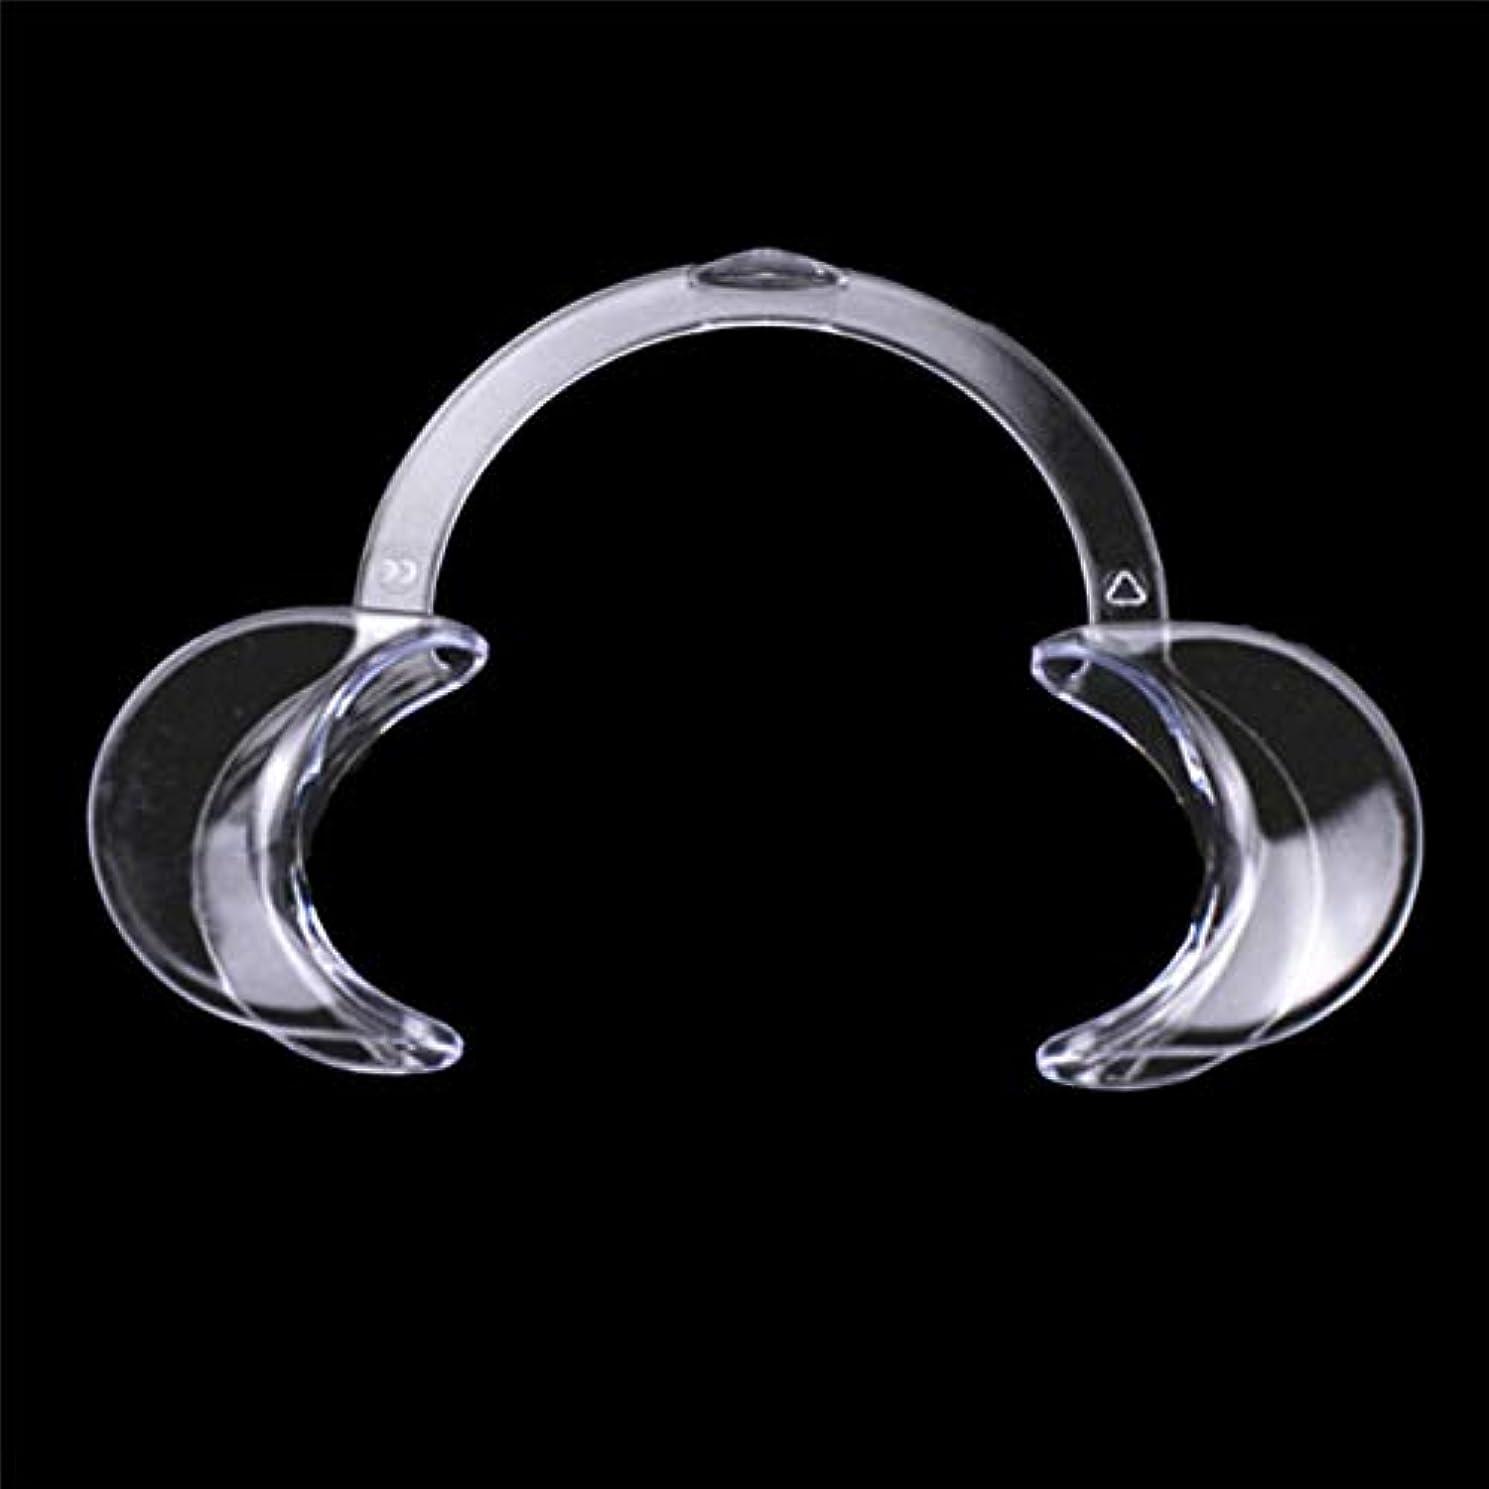 解釈イノセンス希望に満ちたDC パック 歯科 C型 開口器 口オープナー マウスオープナー 開口マウスオープナー C型ホワイトニング口の開創器